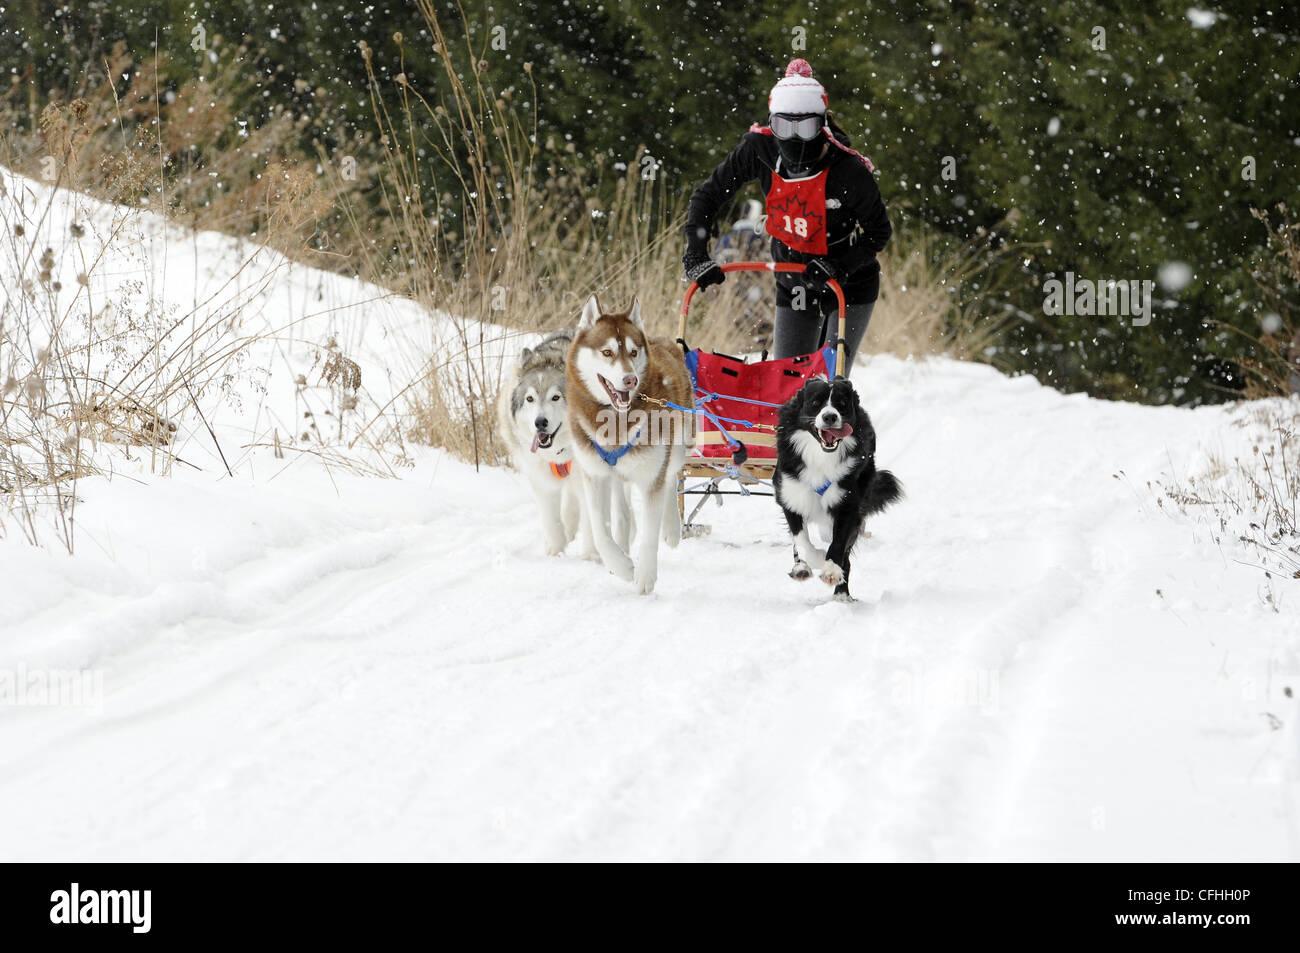 Sled dog race - Stock Image